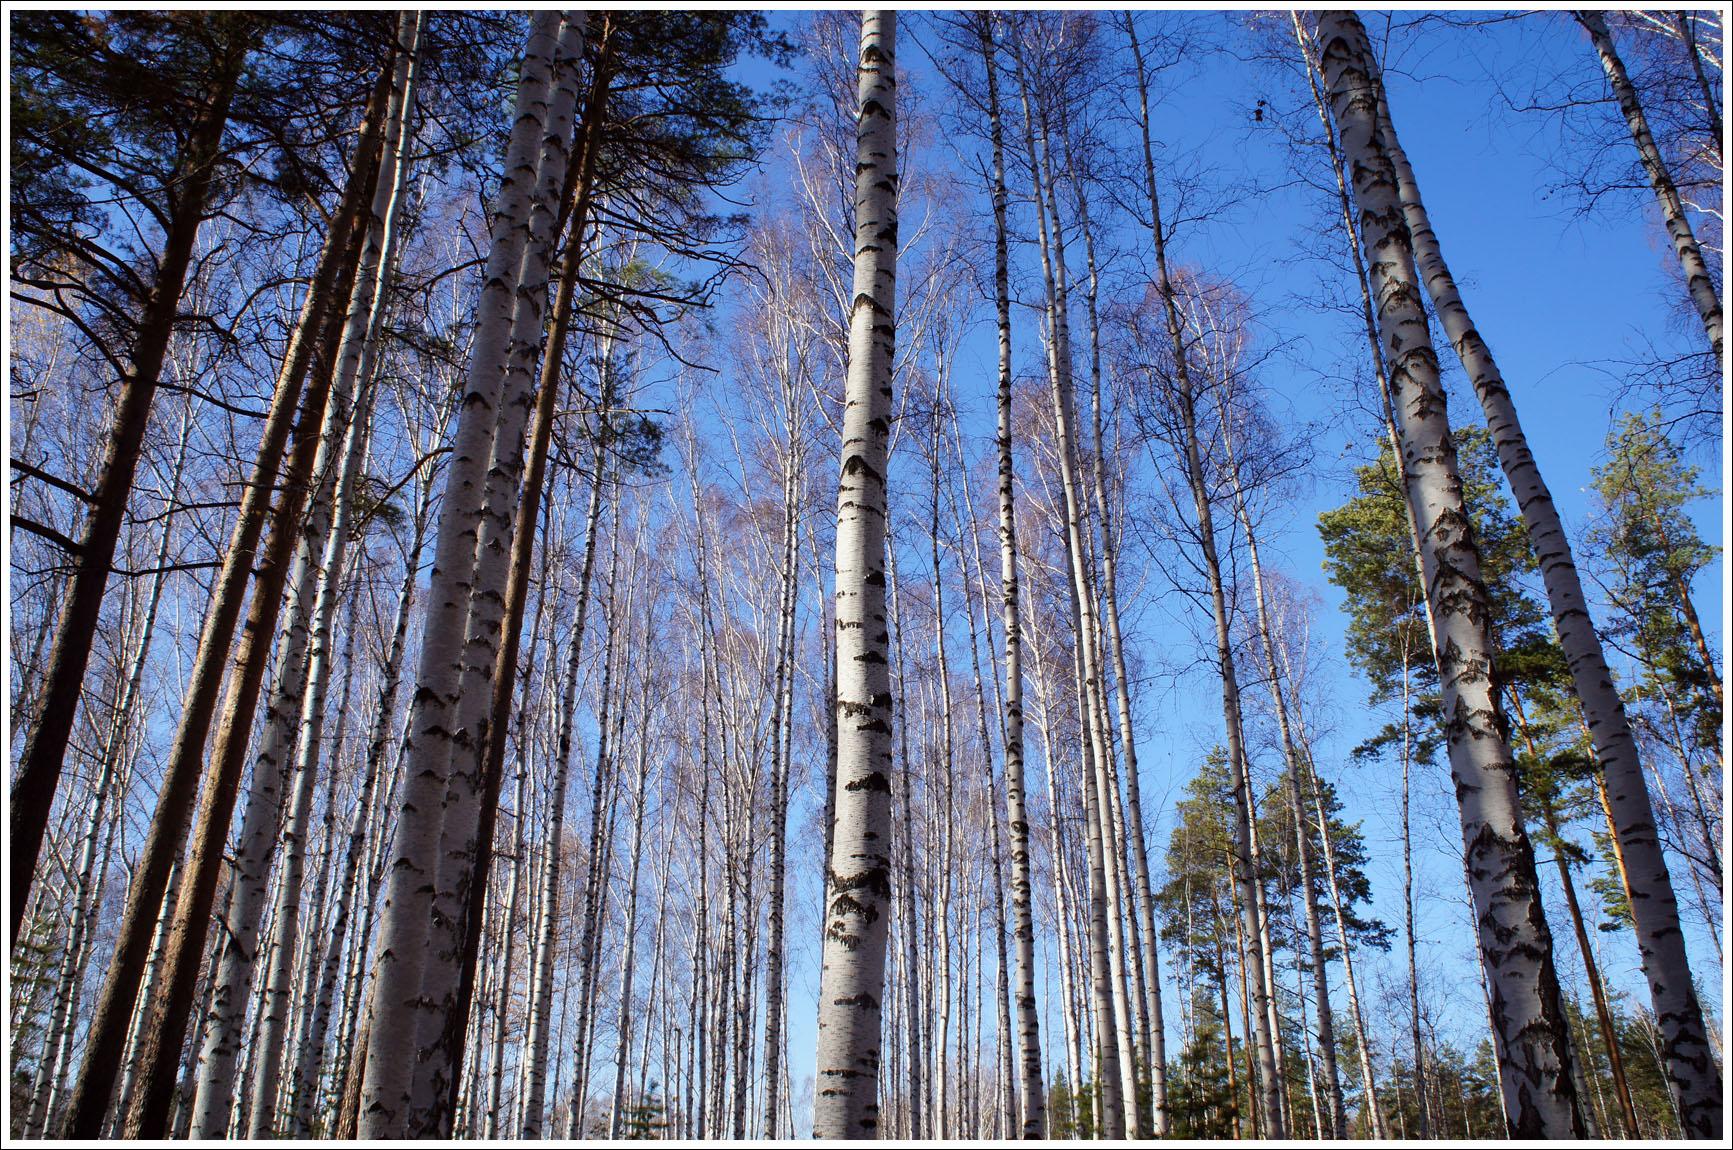 с берез слетел золотой наряд и лес стоит прозрачный